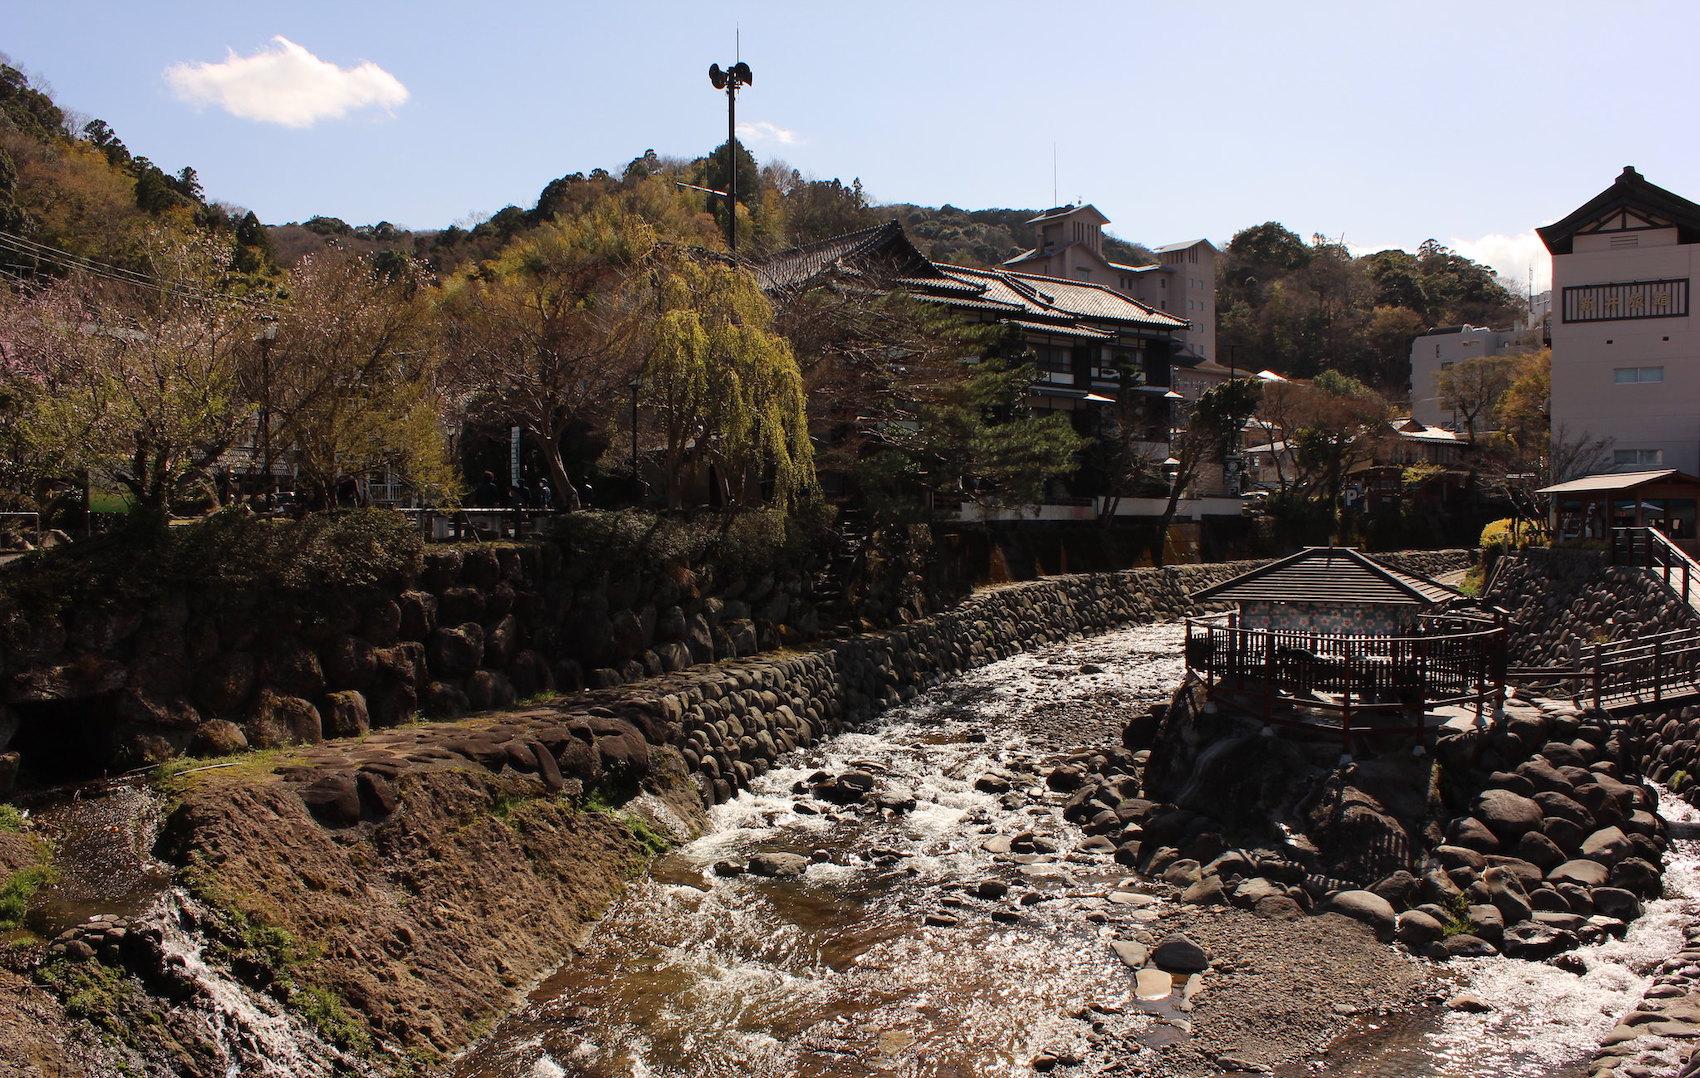 Tokko-no-yu Onsen